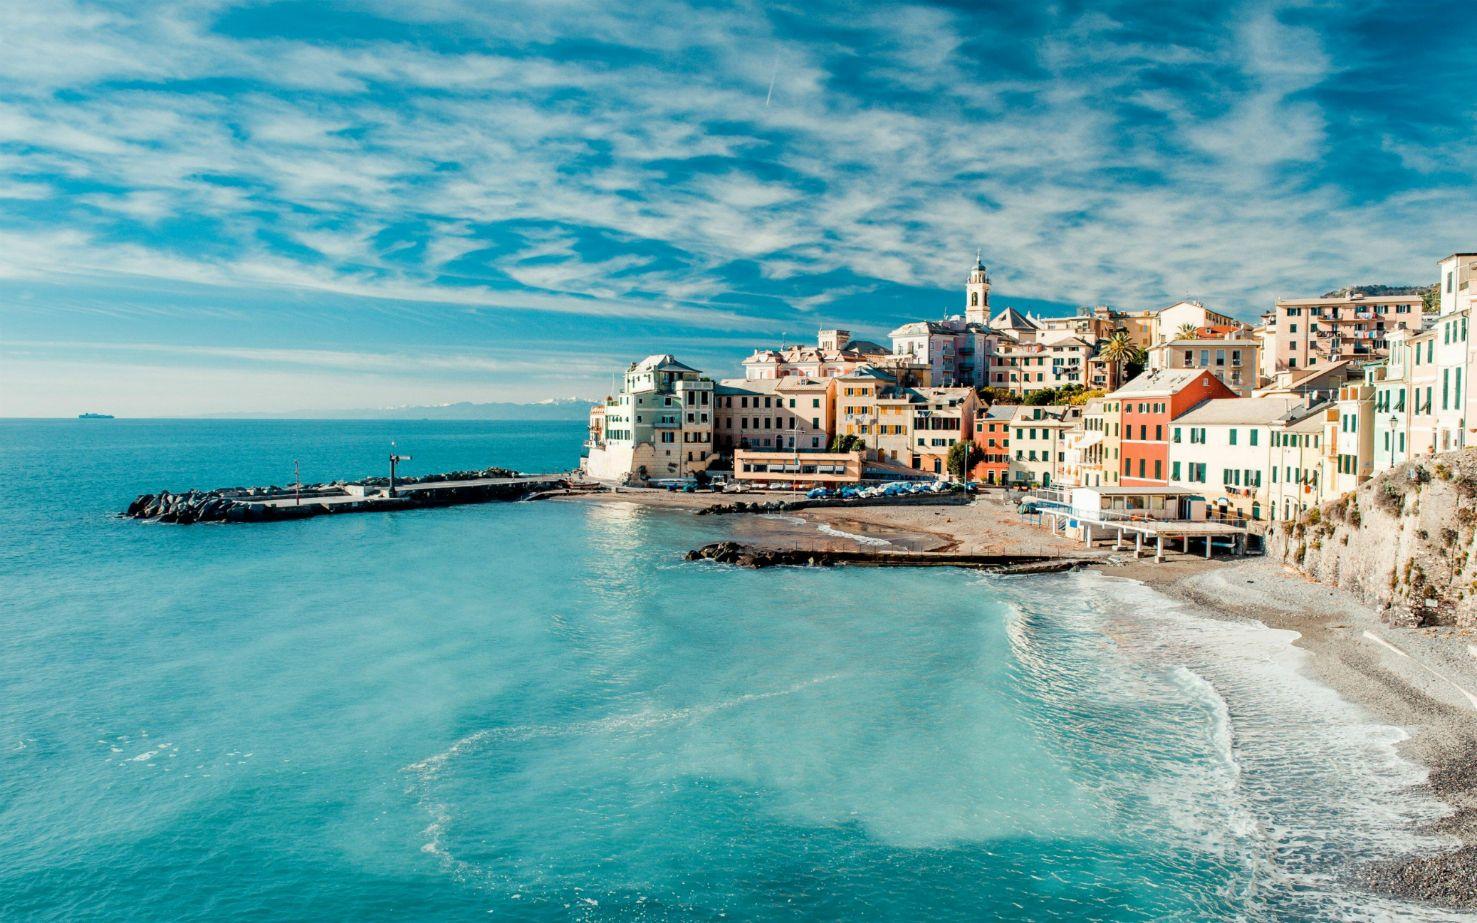 Imágenes Sobre Viajar A Otro País: Genoa Bay, Liguria, Italy